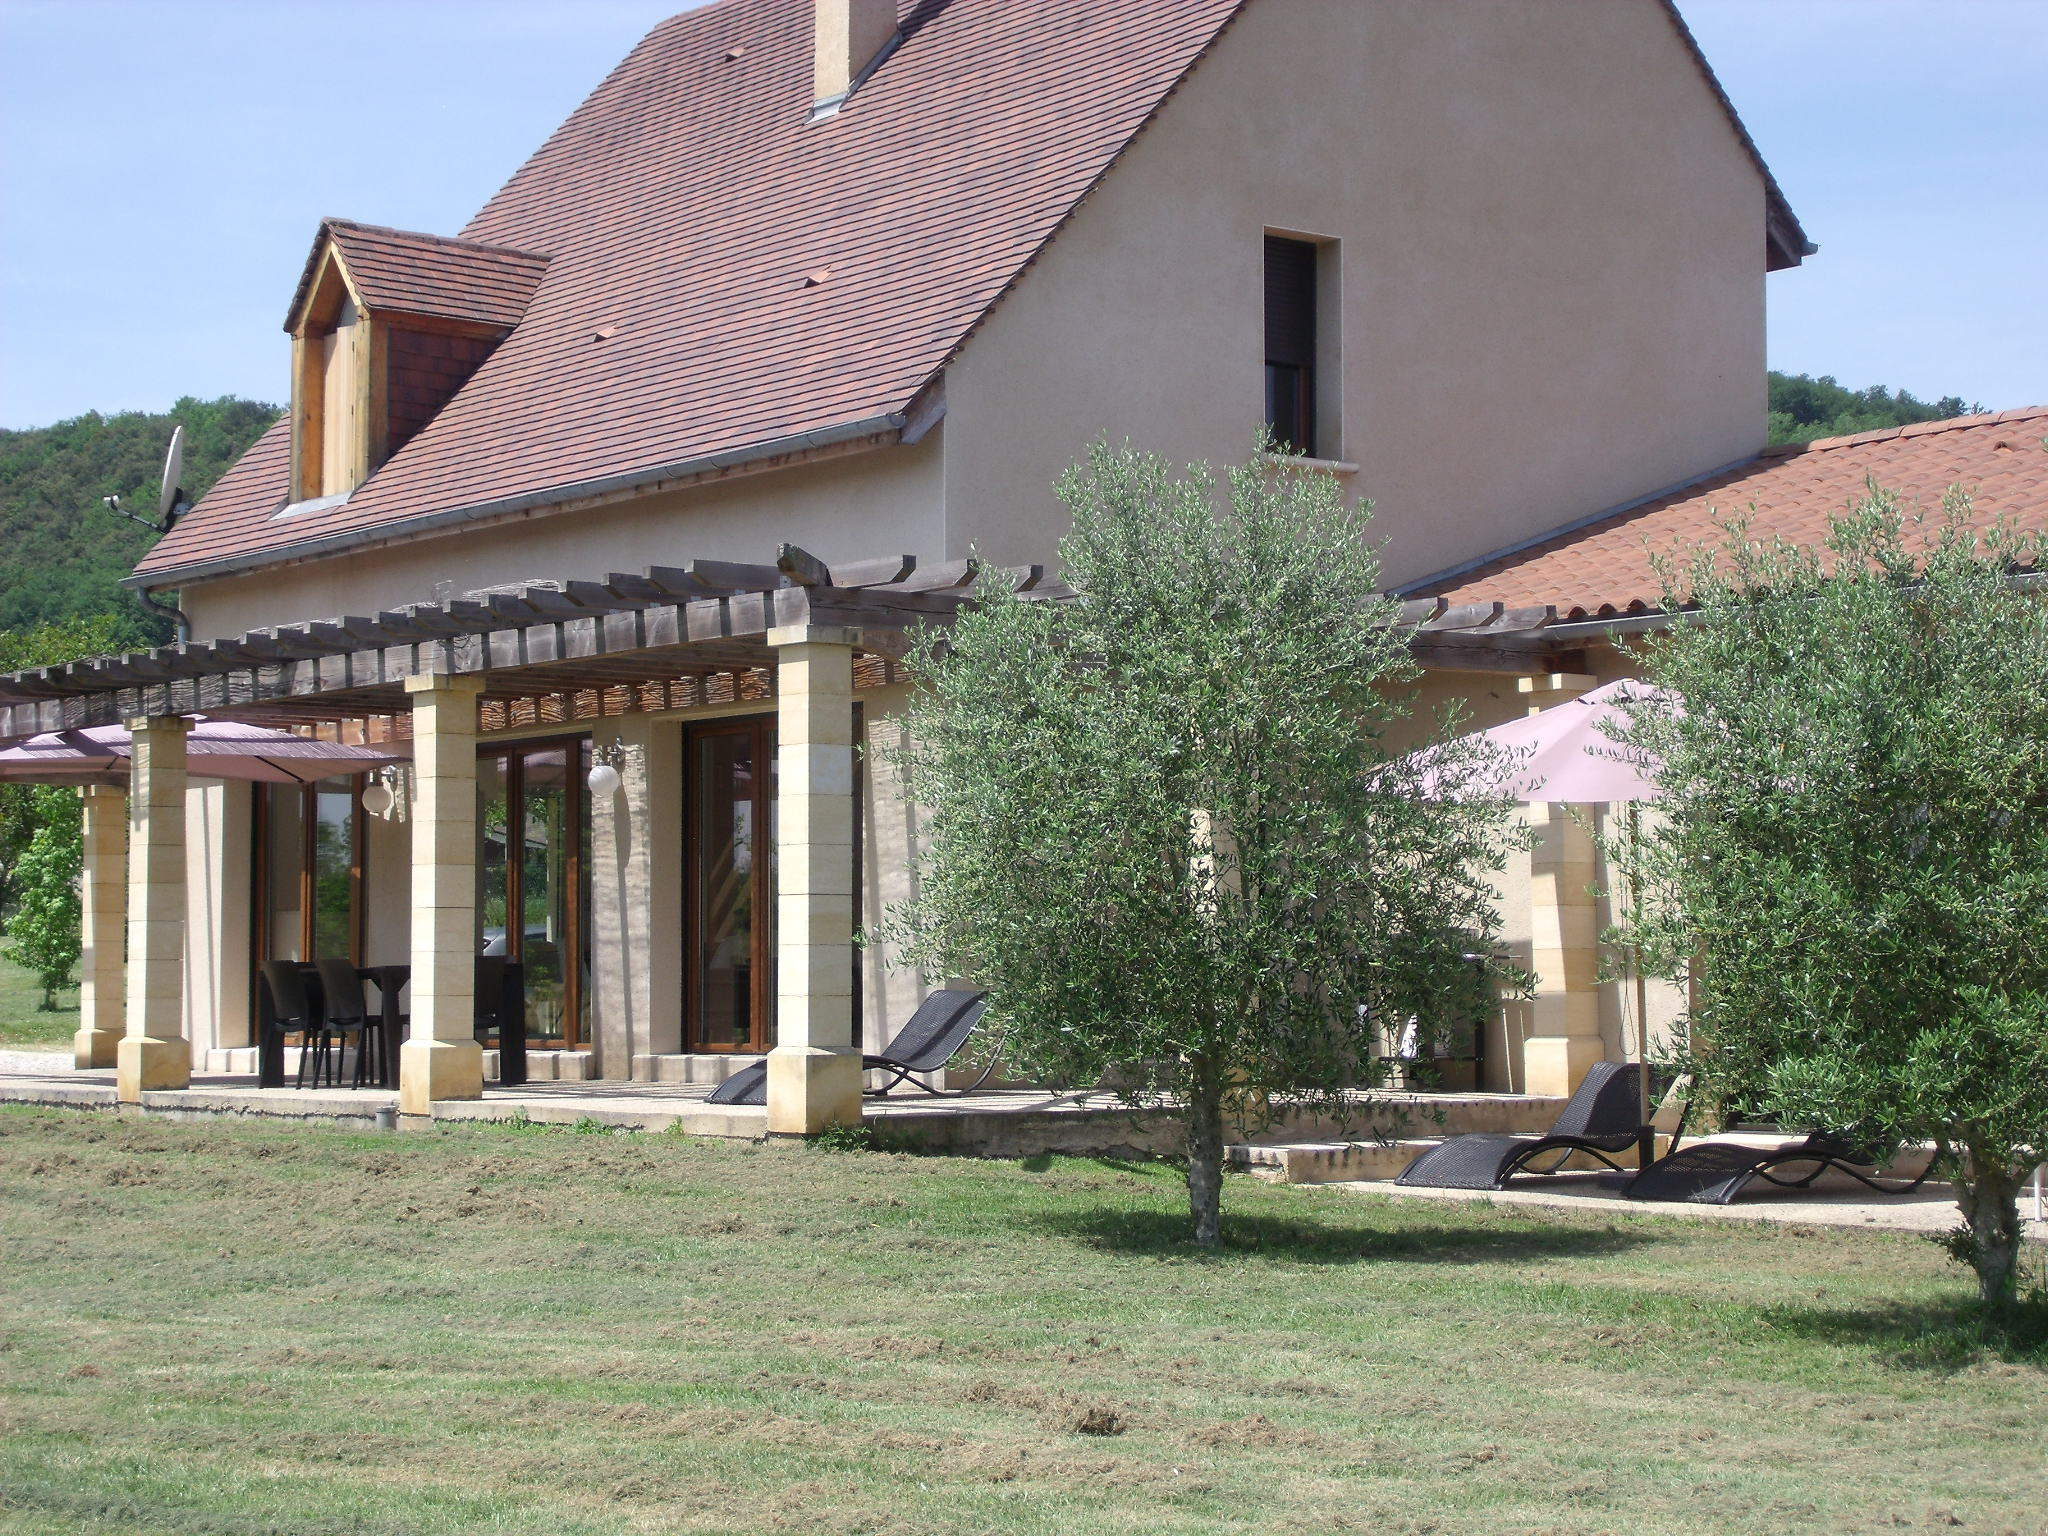 Maison Avec Piscine Interieure Couverte Chauffee Roque ... serapportantà Location Maison Avec Piscine Intérieure Et Jacuzzi